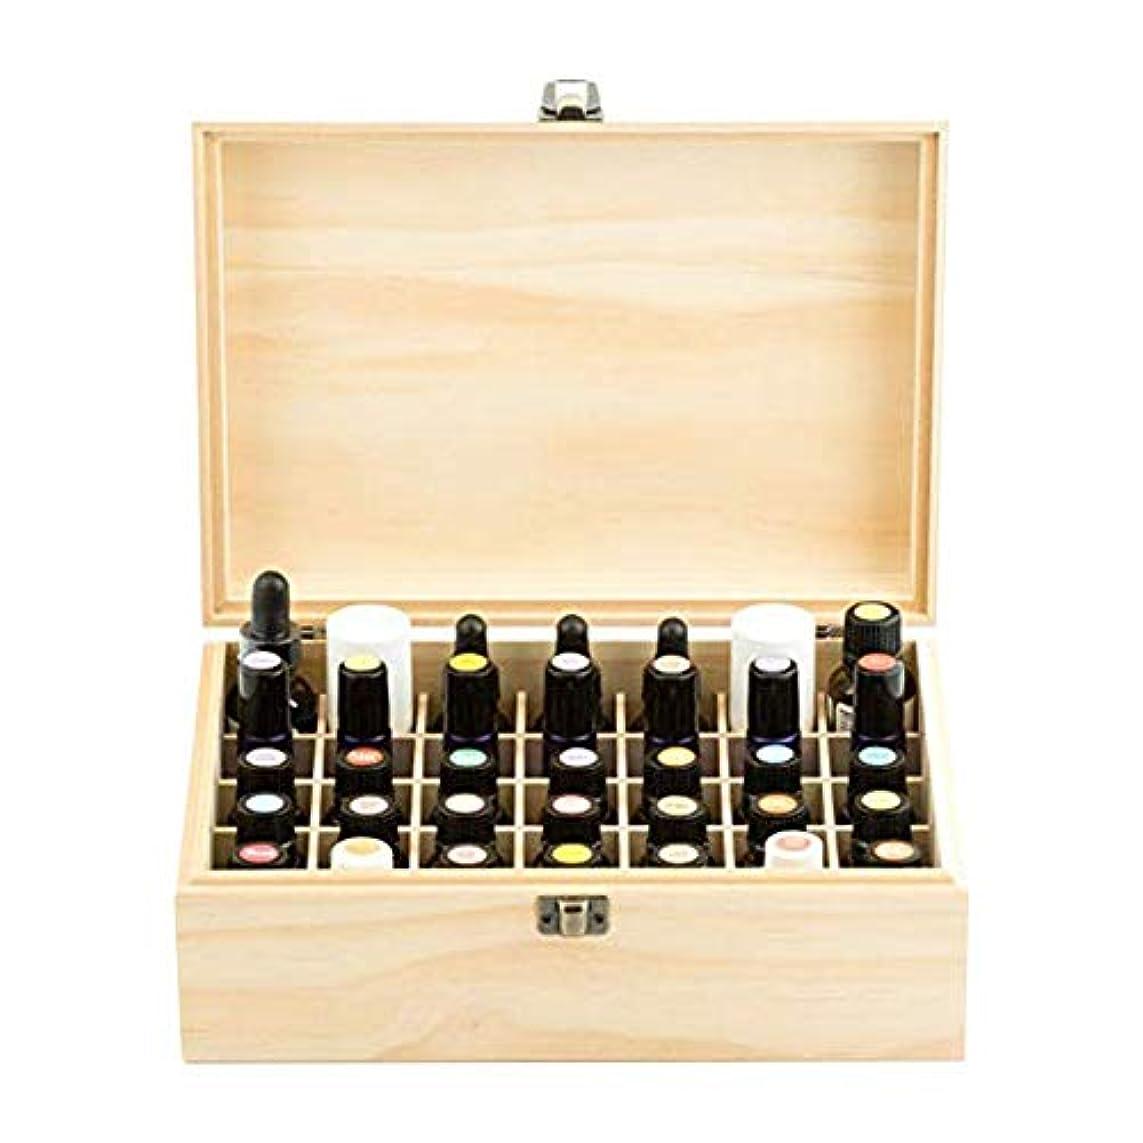 教平日気をつけて精油収納ケース エッセンシャルオイル収納ボックス 木製 コンパートメント木箱 35本入り 5ml?10ml?15mlのボルトに適用 junexi